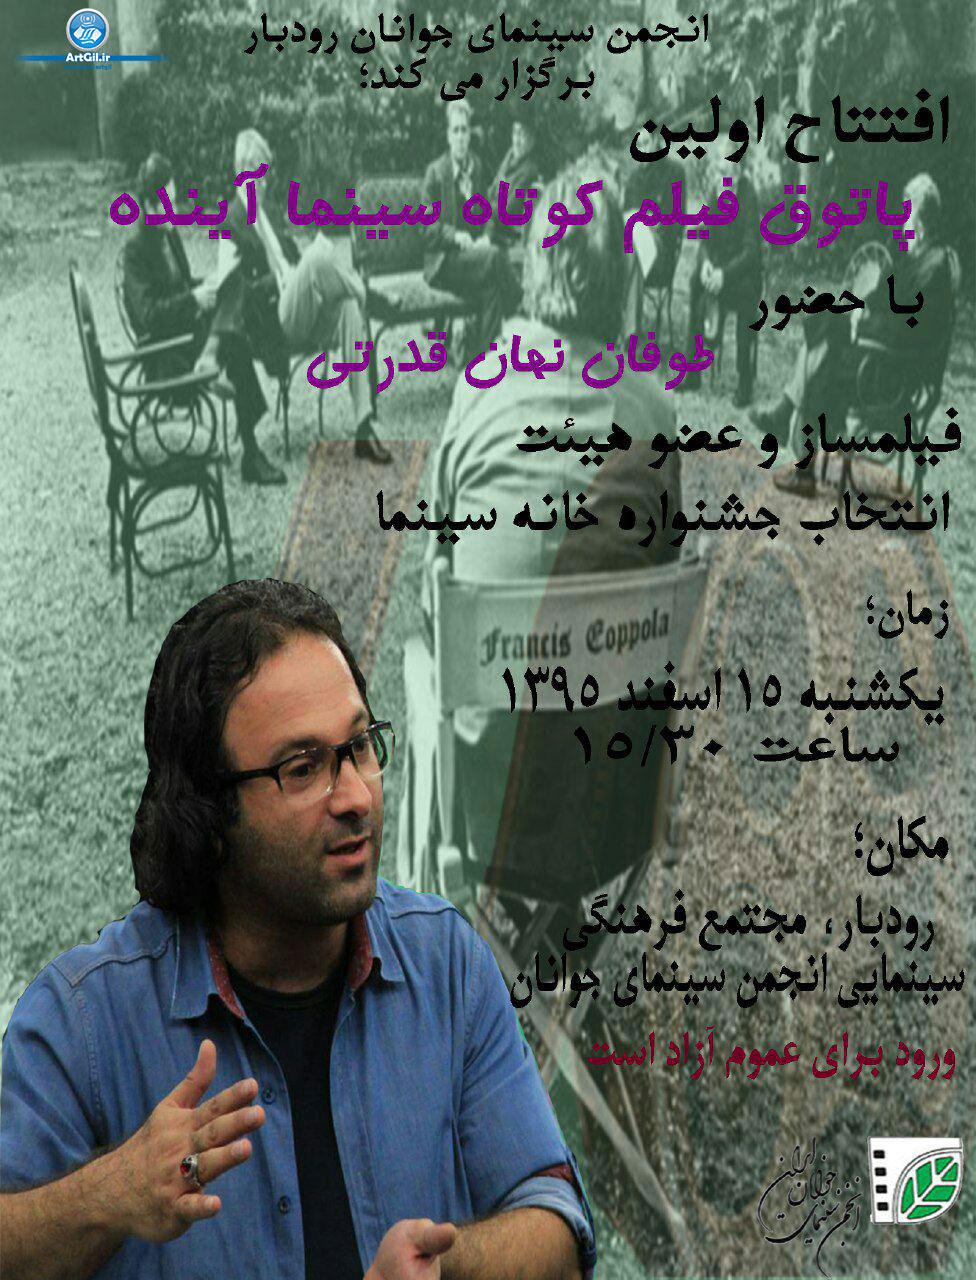 افتتاح پاتوق فیلم کوتاه(سینما آینده) در انجمن سینمای جوانان رودبار